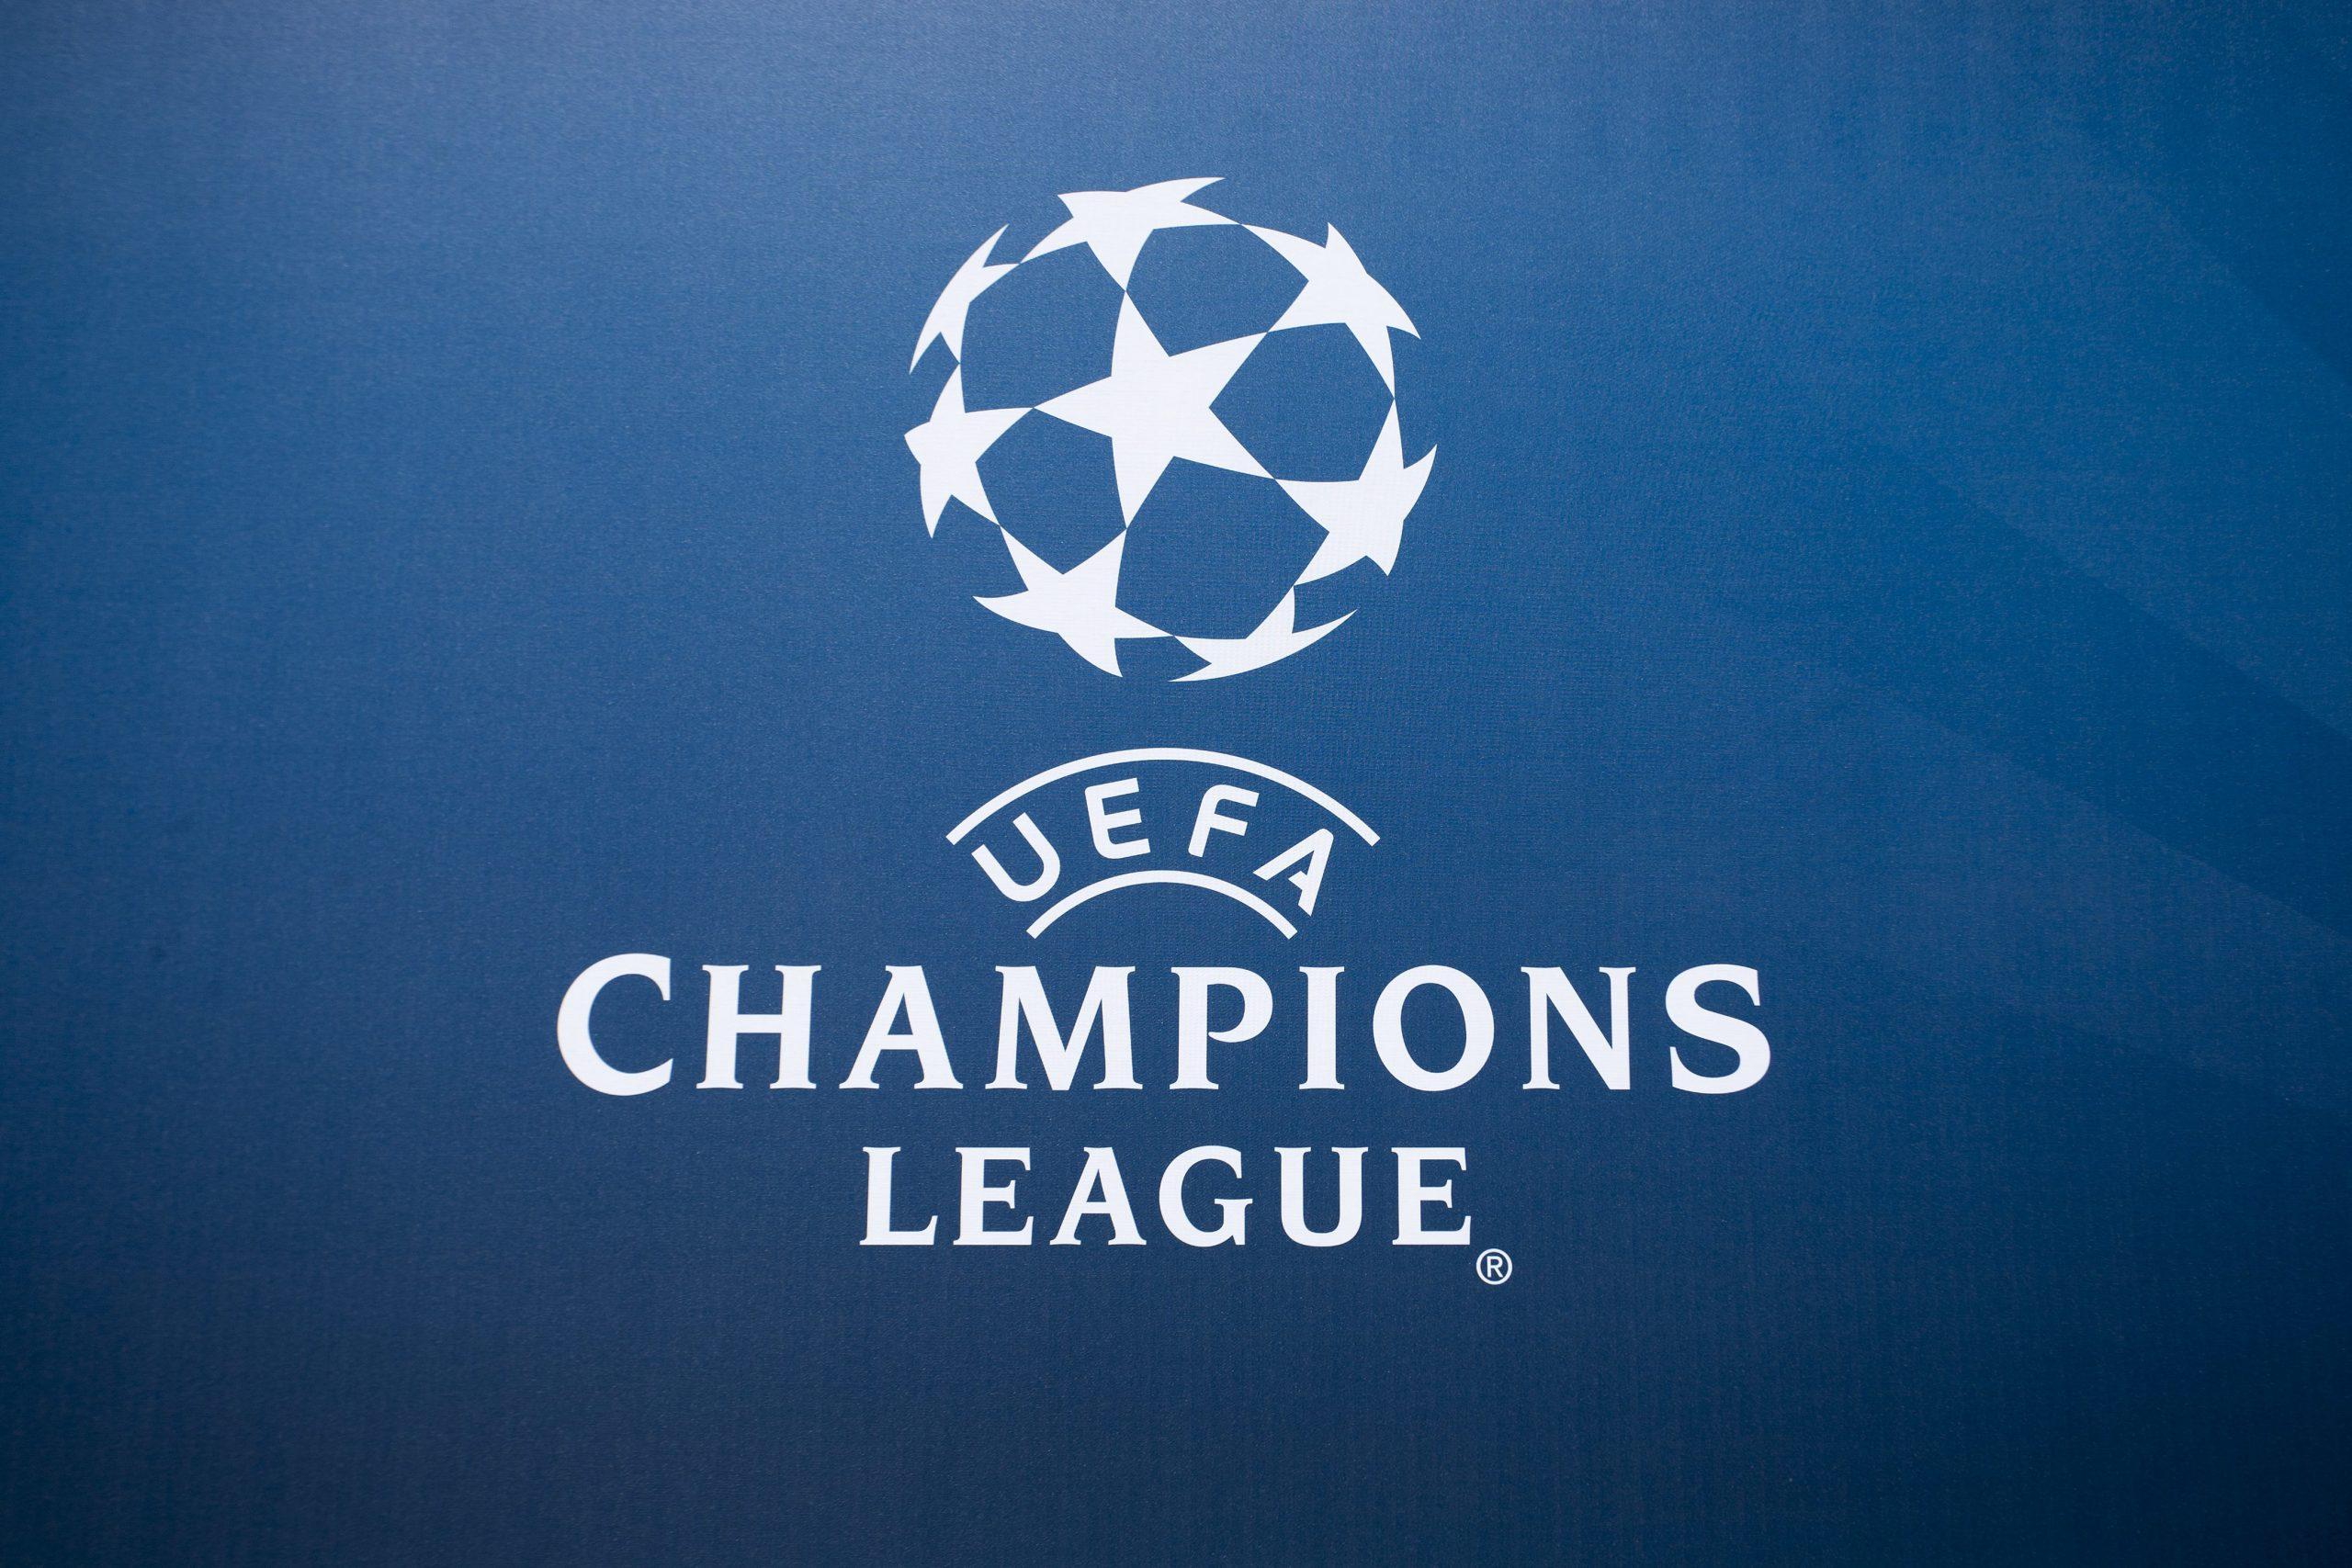 Ligue des Champions - Chaînes et horaires de diffusion de Juventus/OL et City/Real Madrid